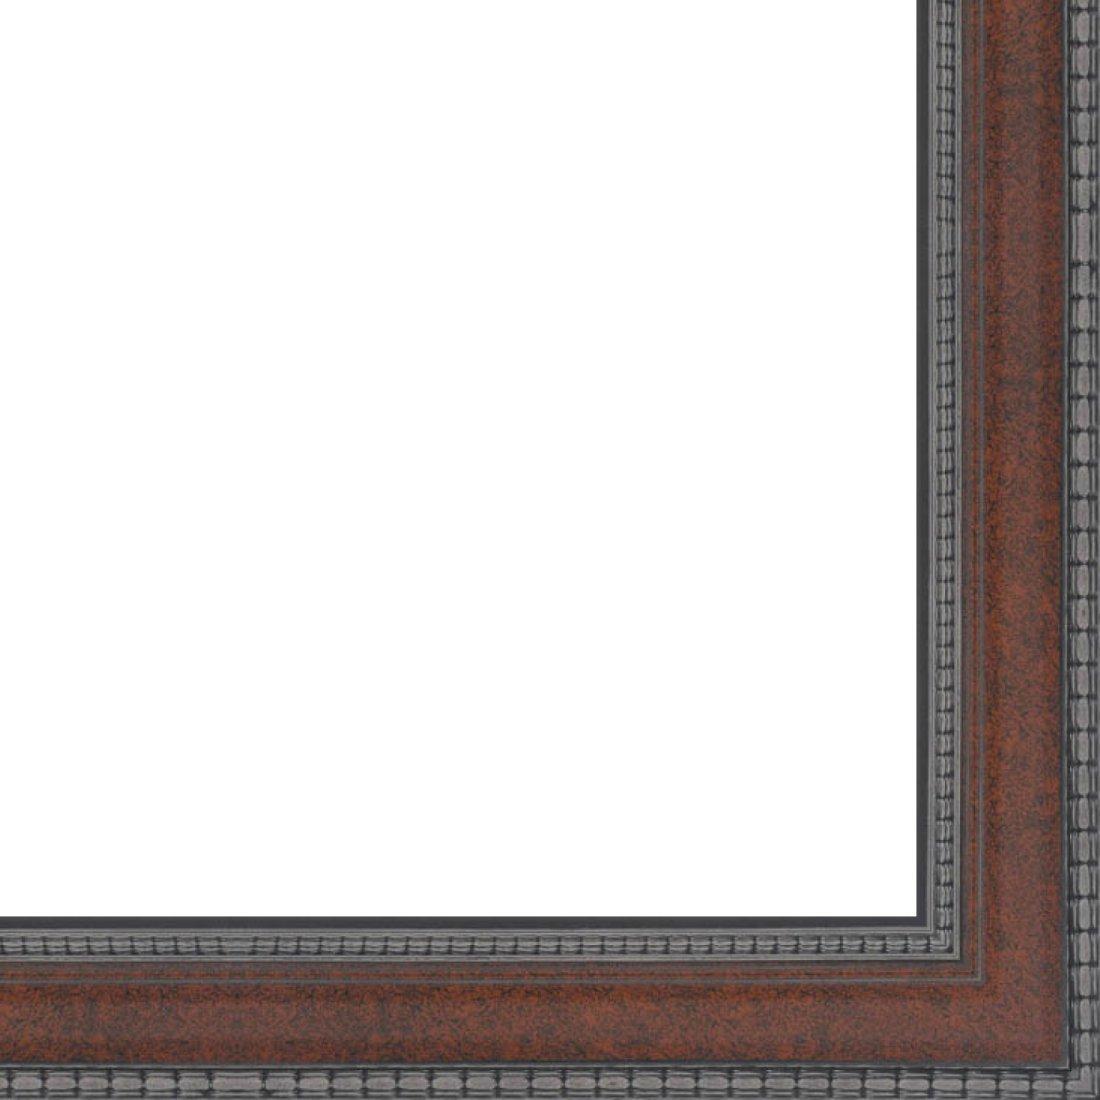 Picture Frame Moulding (Wood) 18ft Bundle - Traditional Walnut Finish - 2.5'' Width - 1/2'' Rabbet Depth